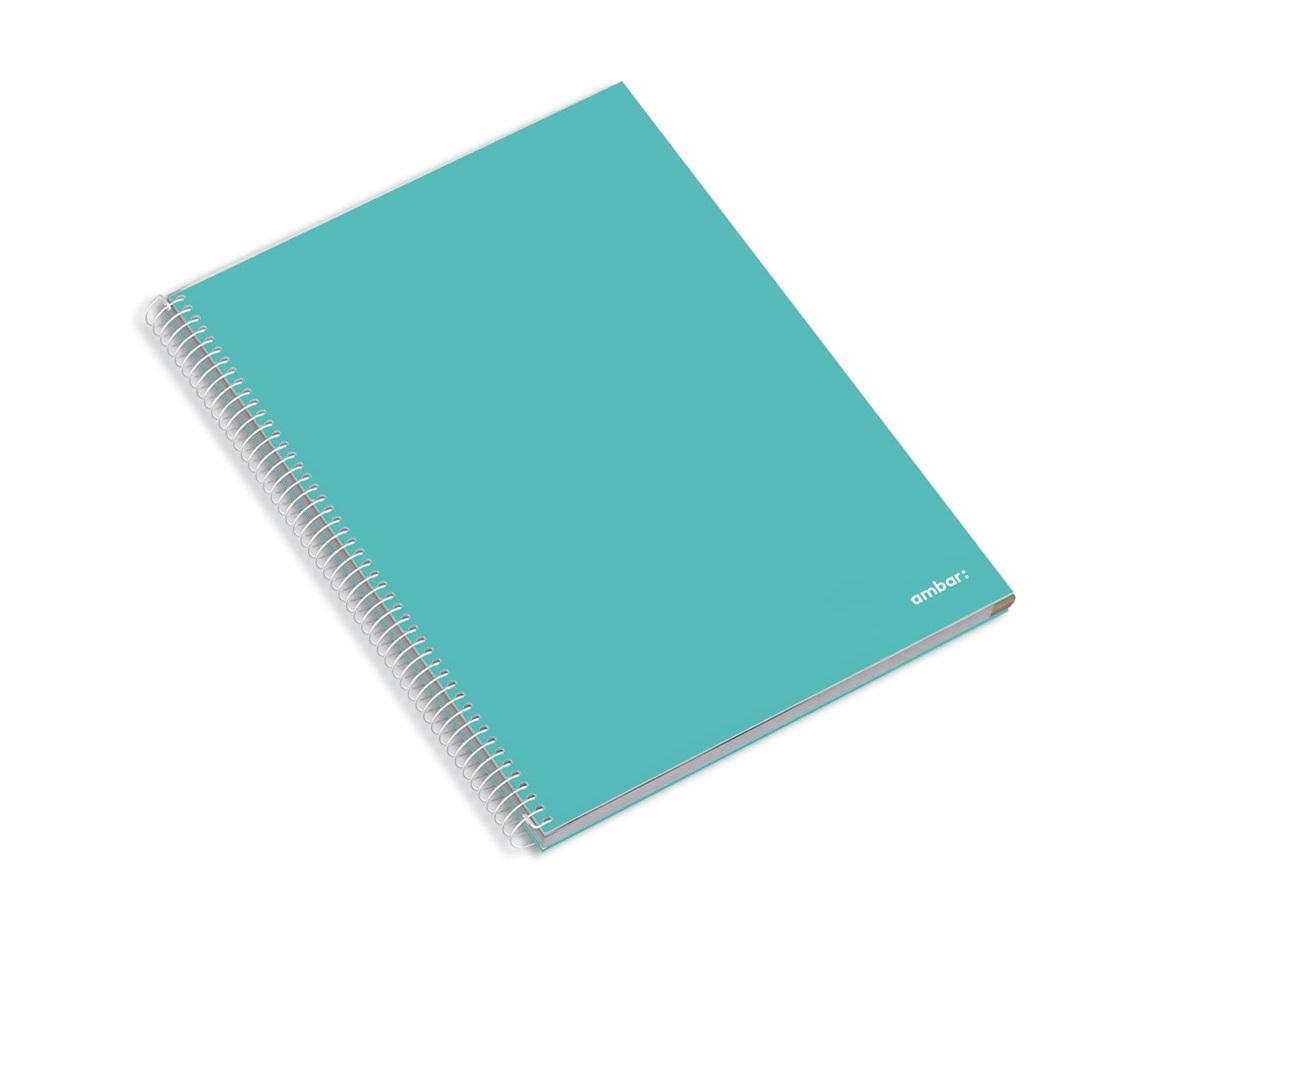 Caderno A5 Espiral 120fls Pautado